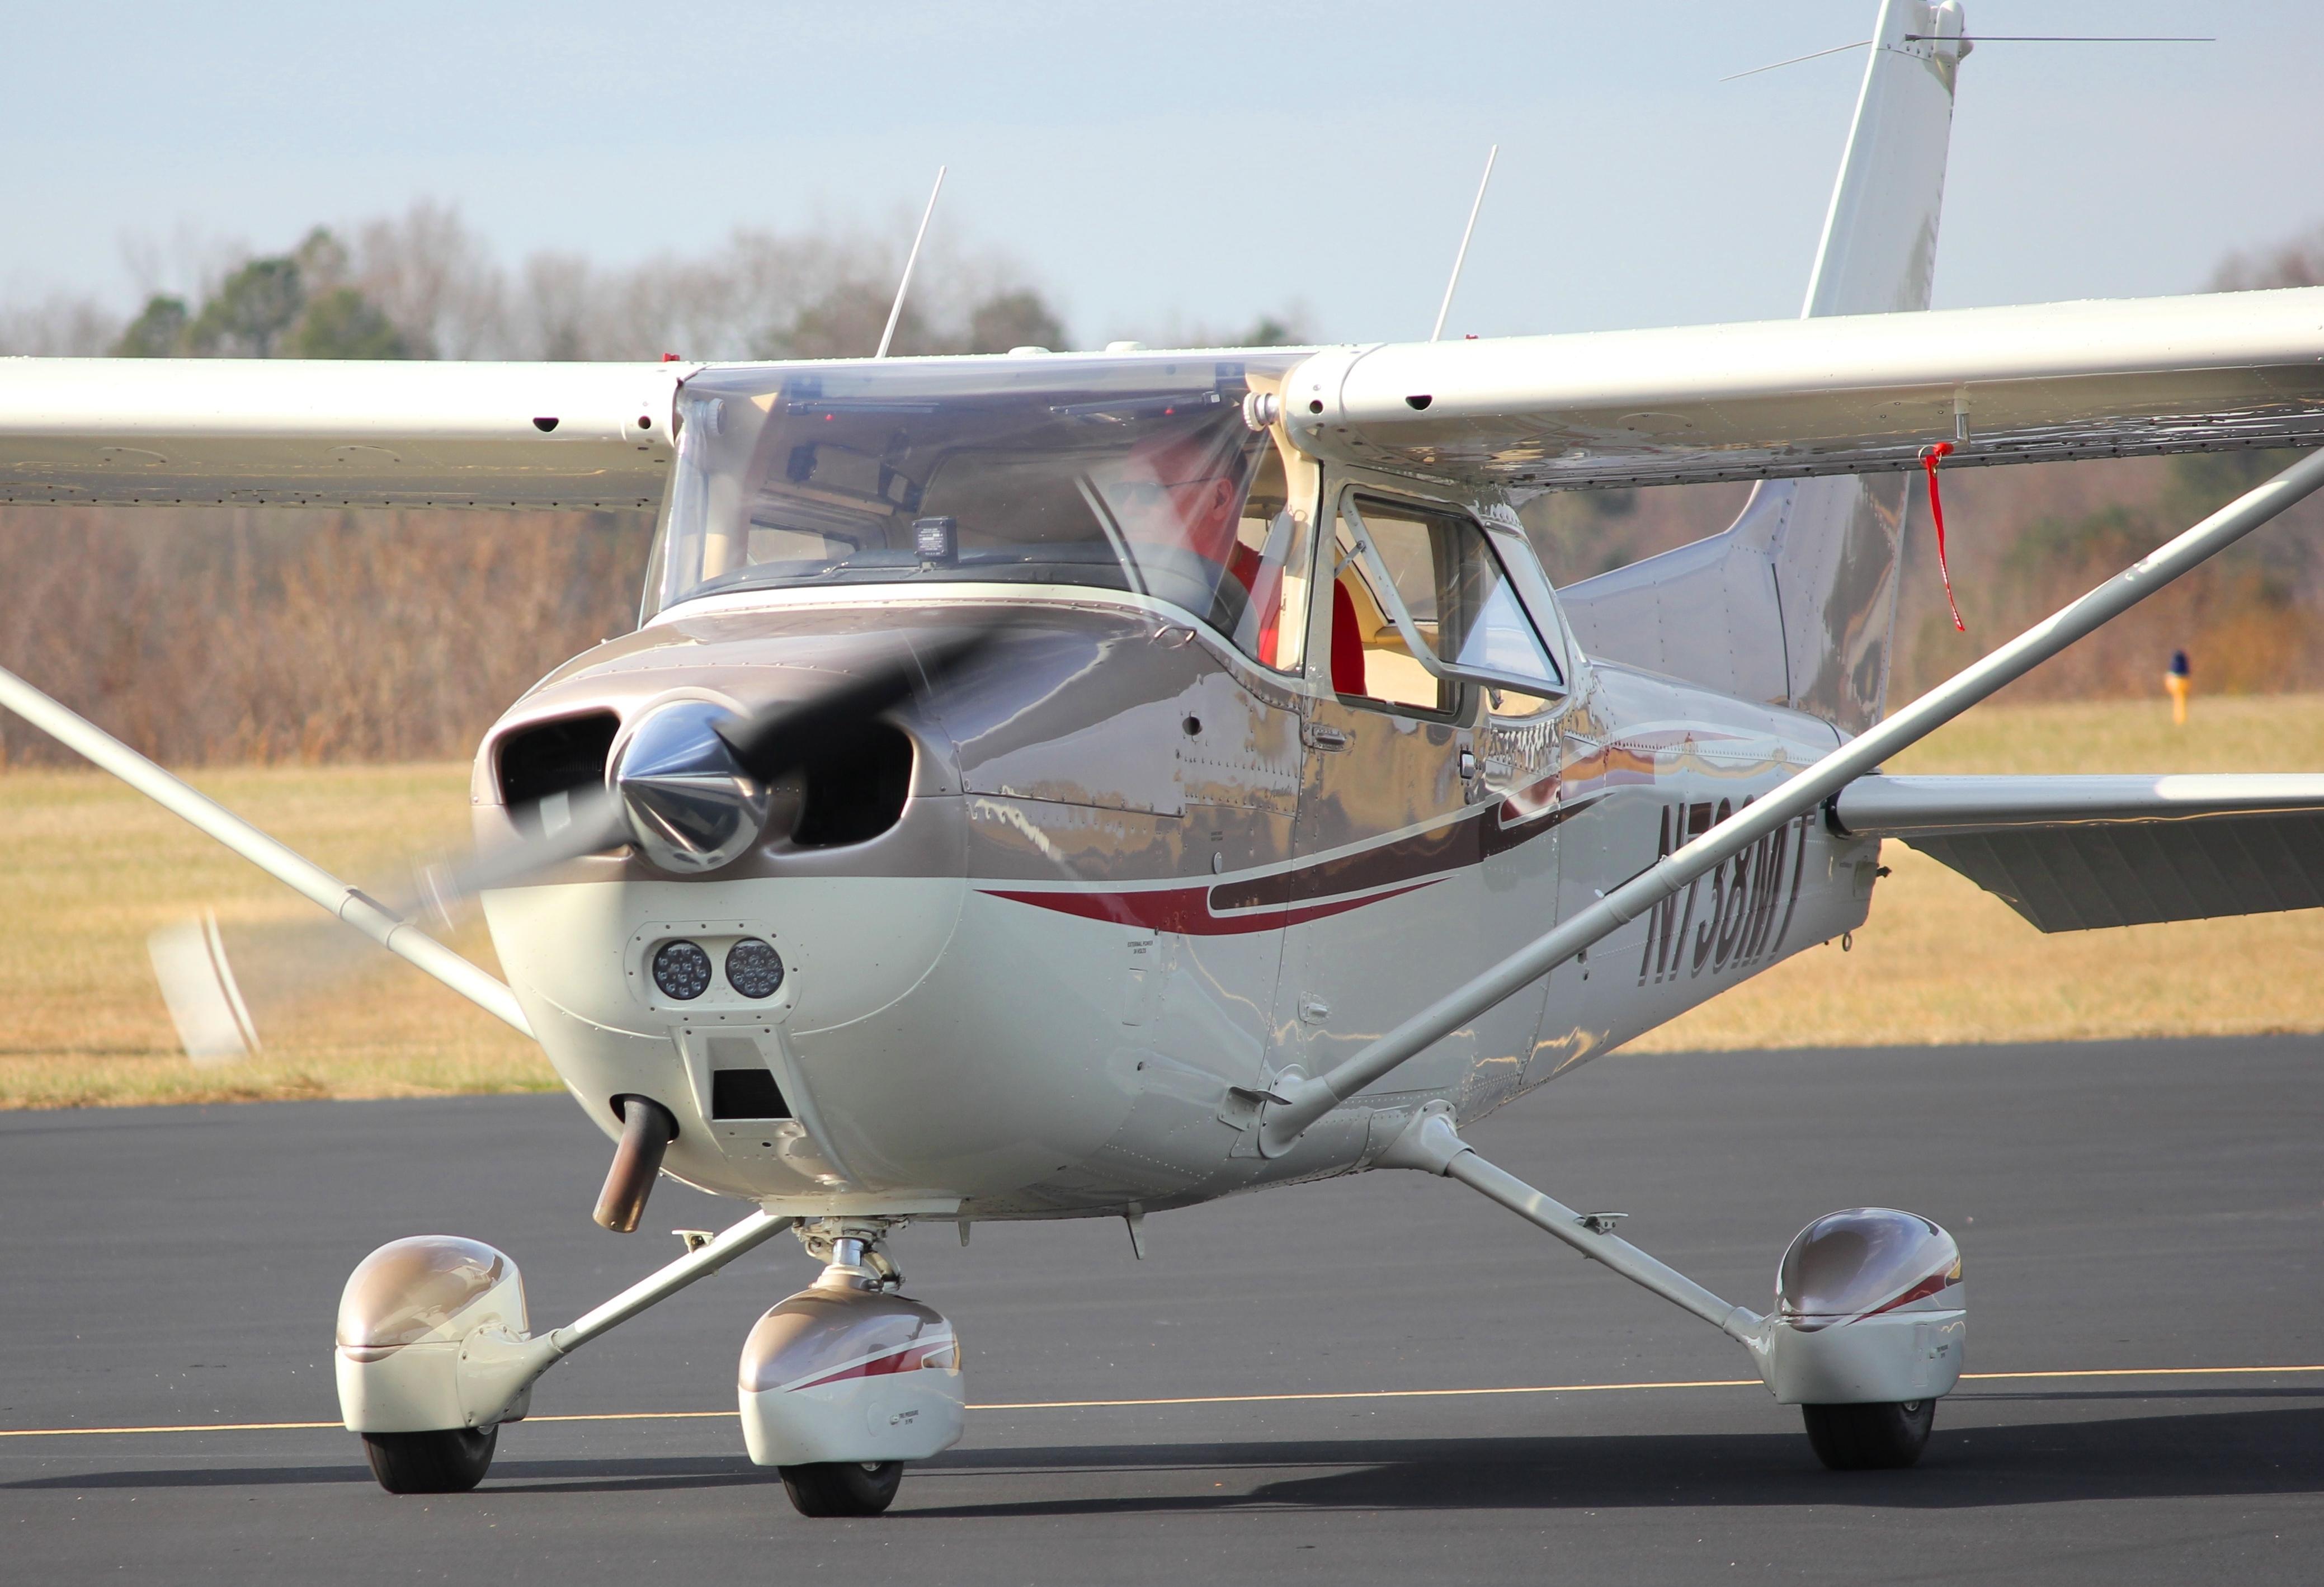 Отец с дочерью на борту выполняет фигуры высшего пилотажа